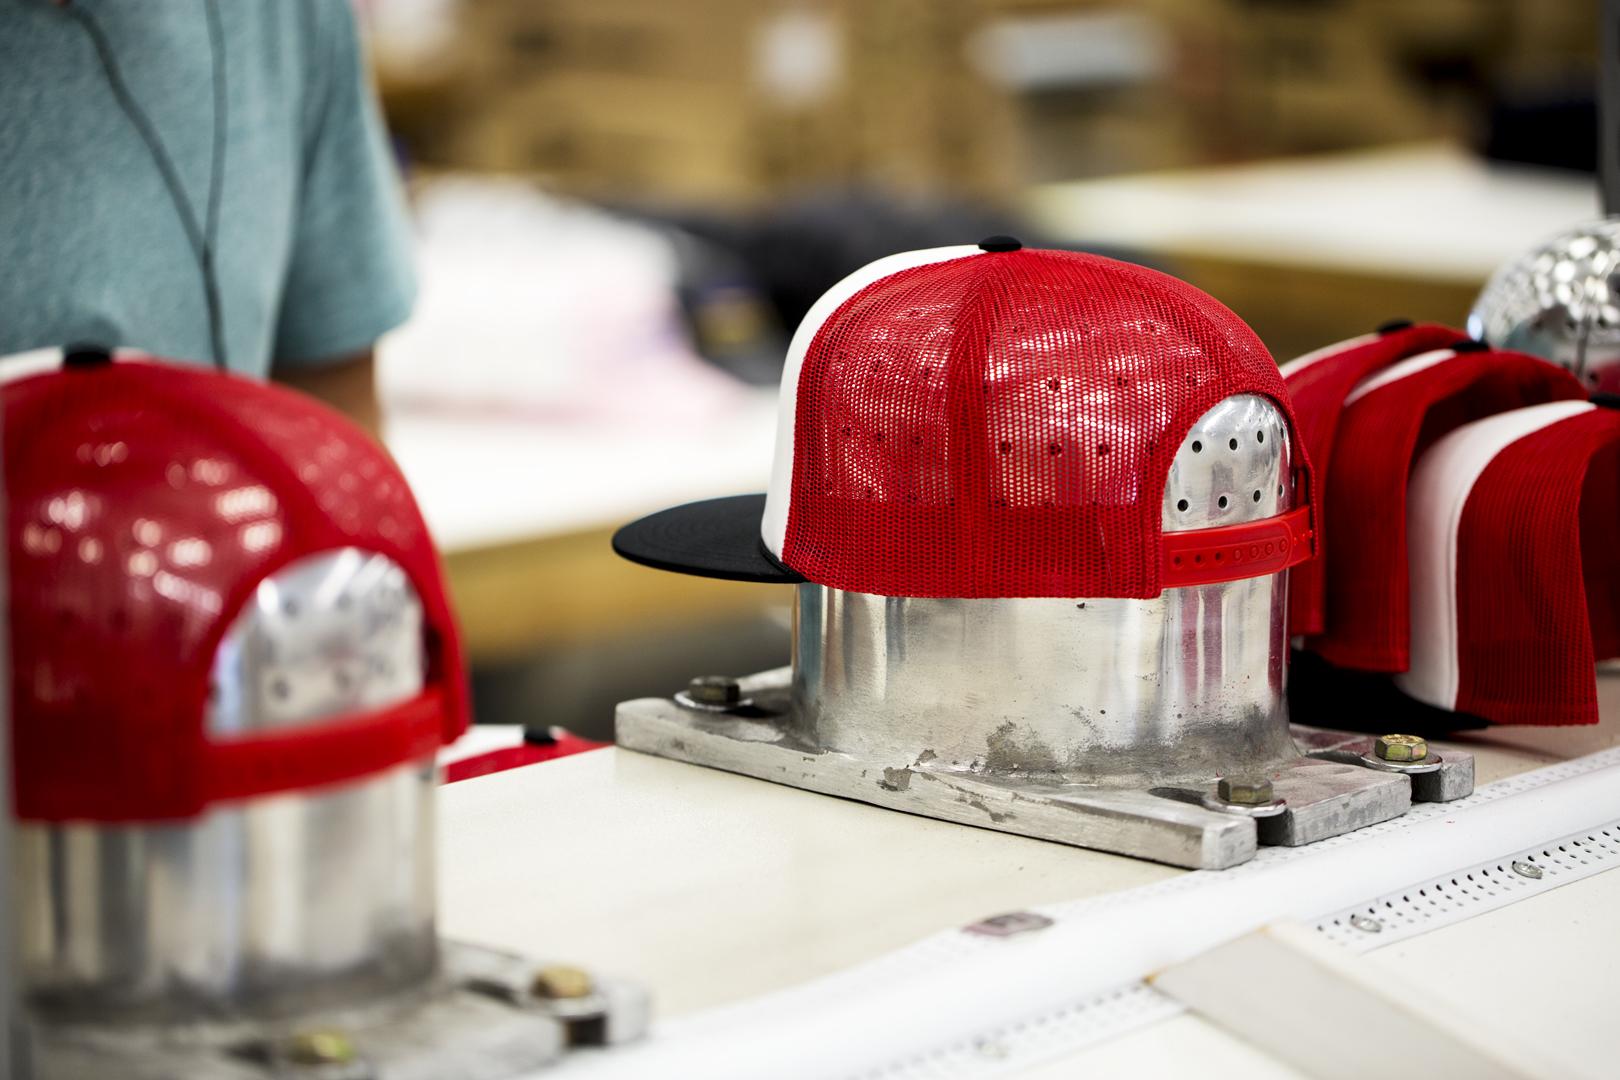 Captuer Headwear Steam Blocking CU